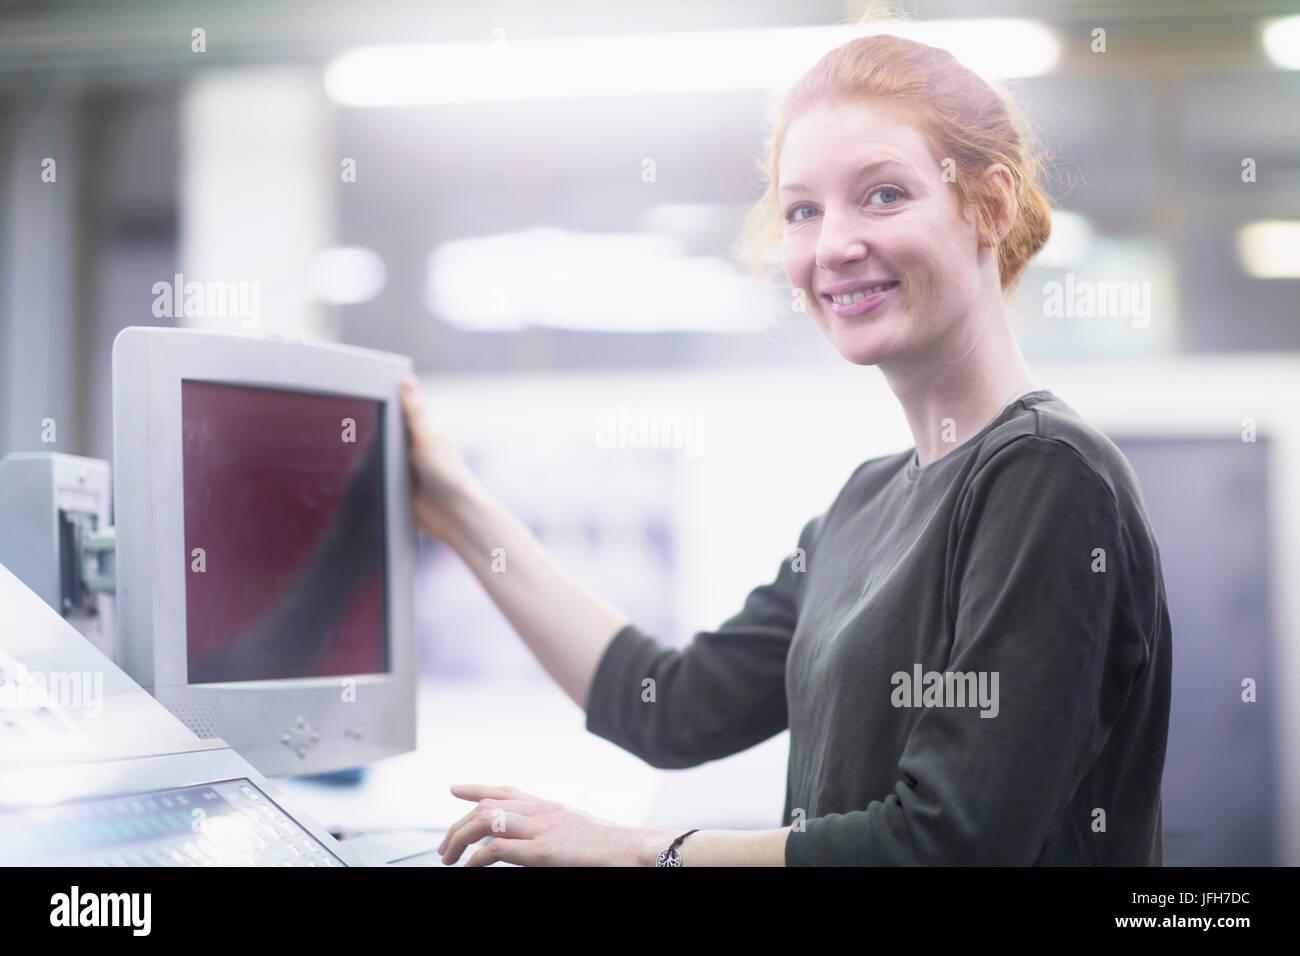 Portrait de travailleur d'impression photocopieur holding Banque D'Images